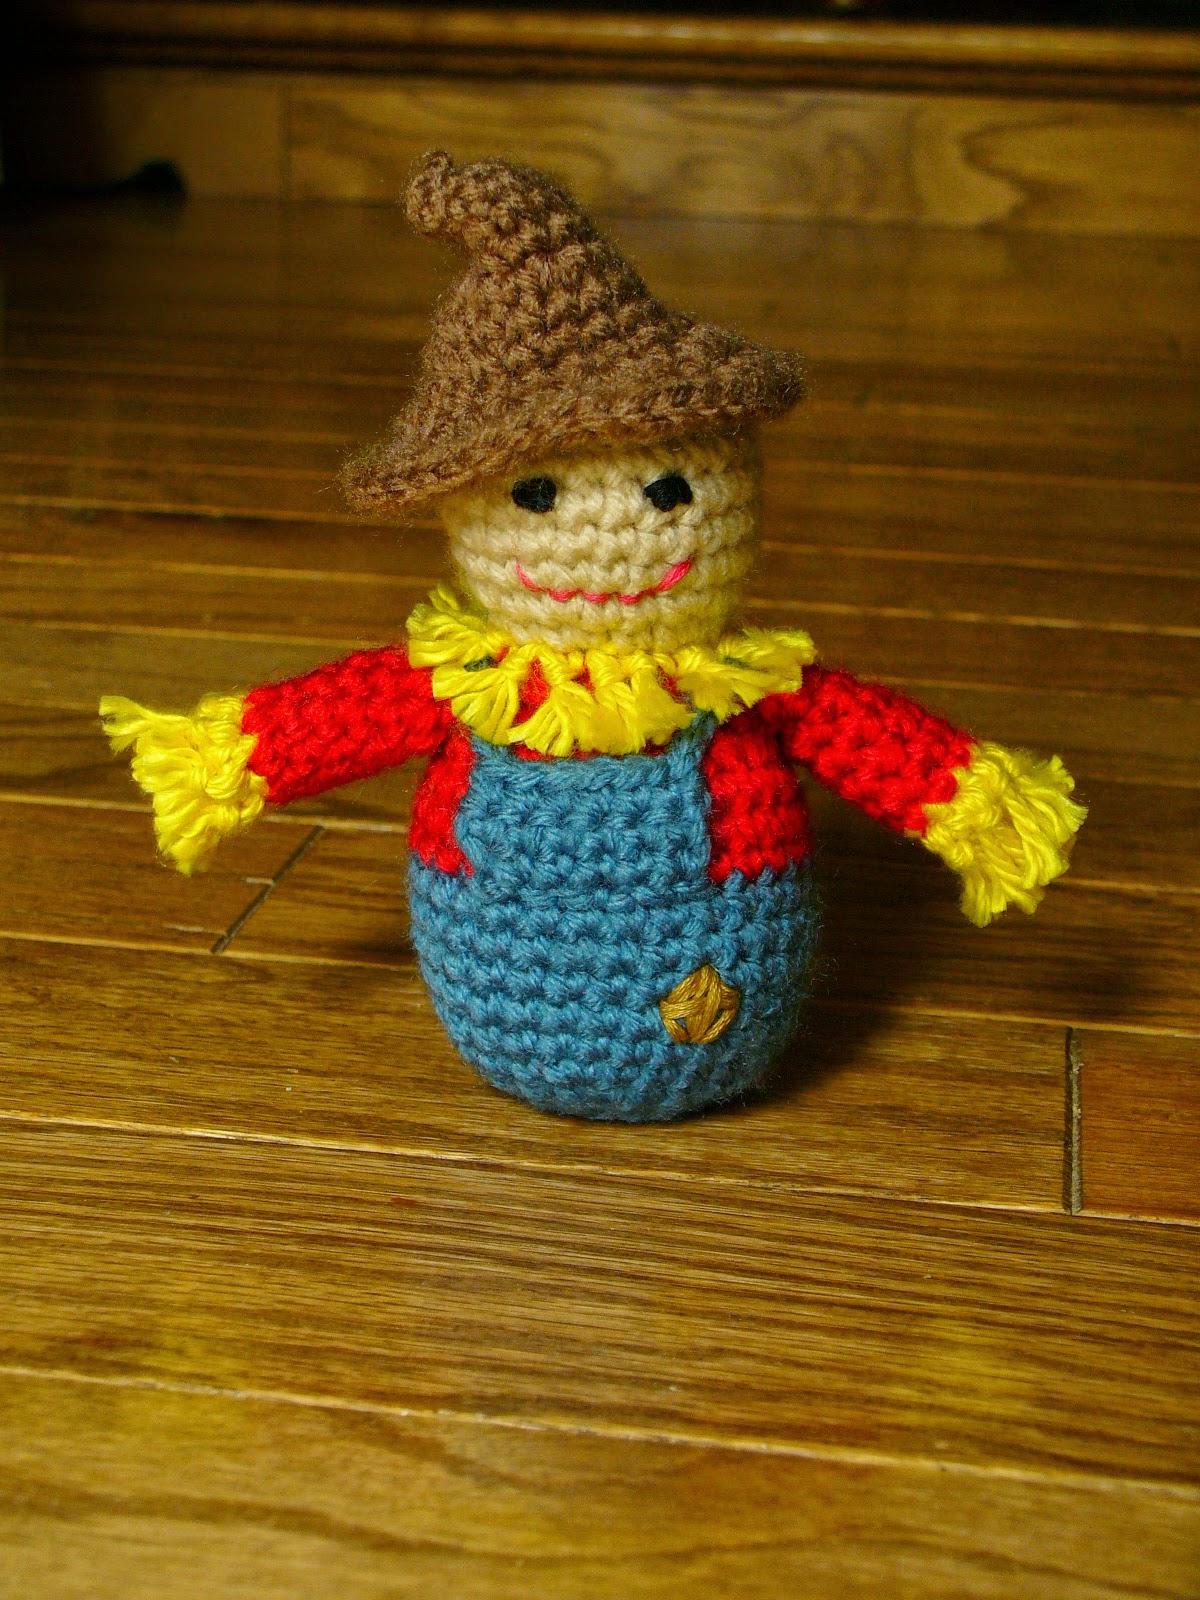 Little Scarecrow Amigurumi Free Crochet Pattern ⋆ Crochet